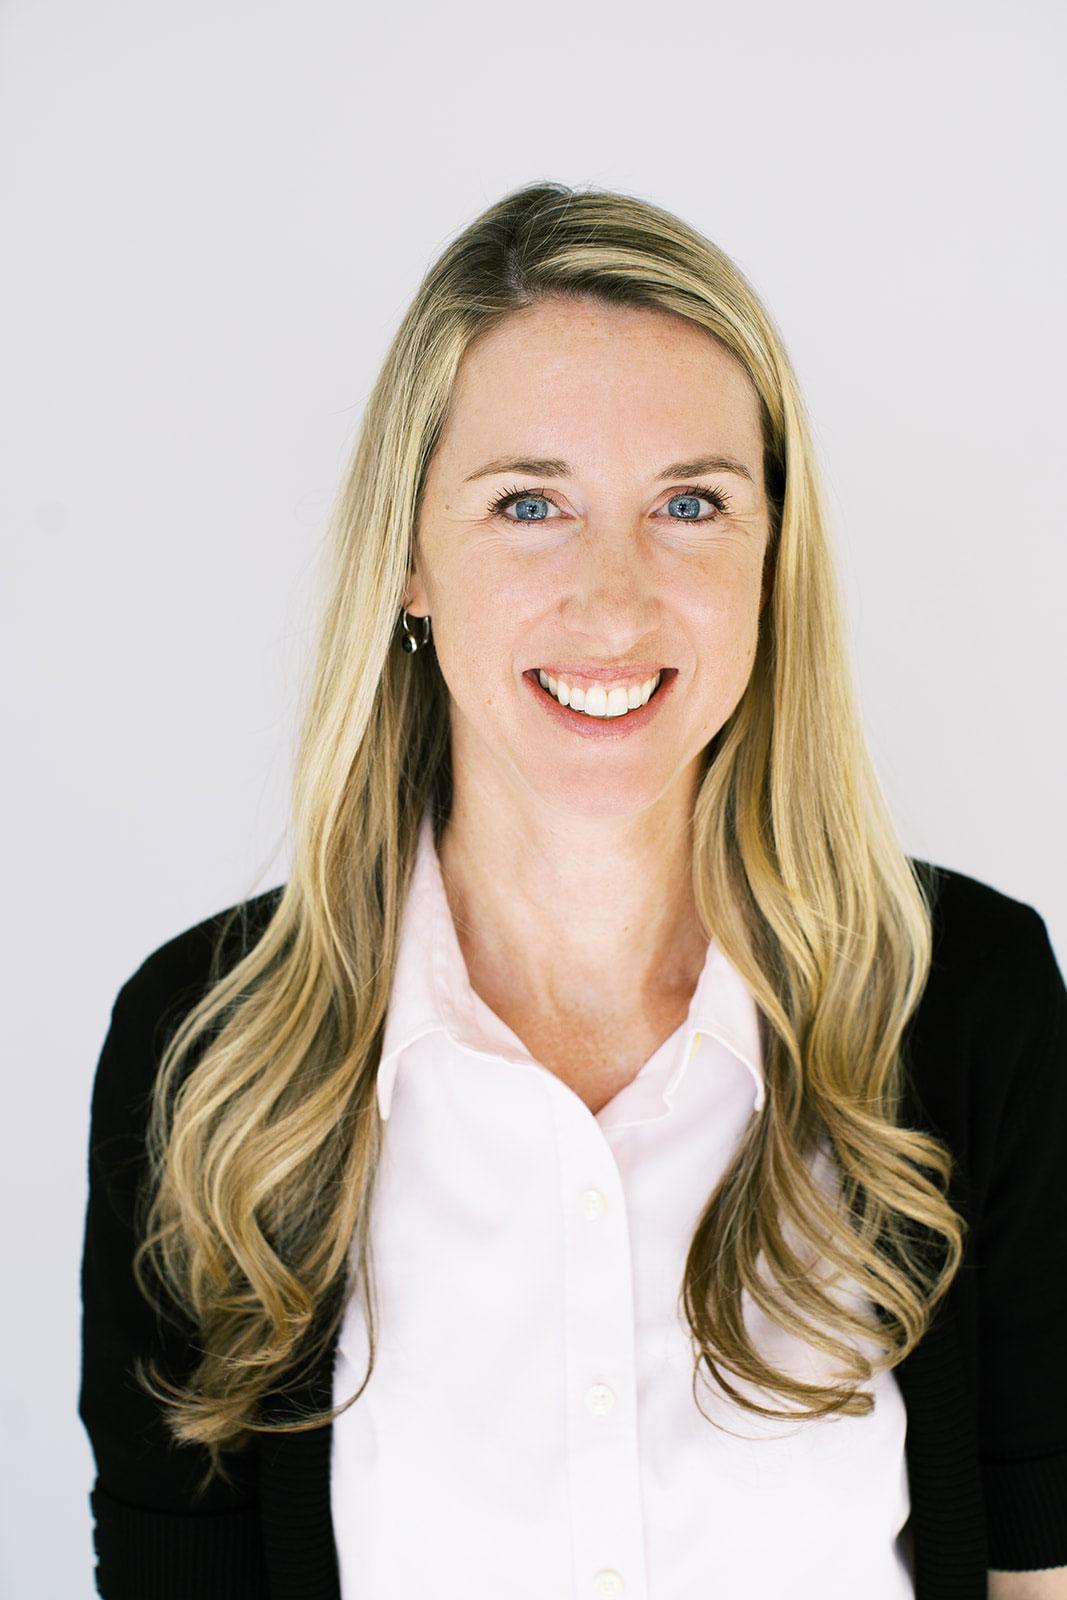 Stacy Eaton